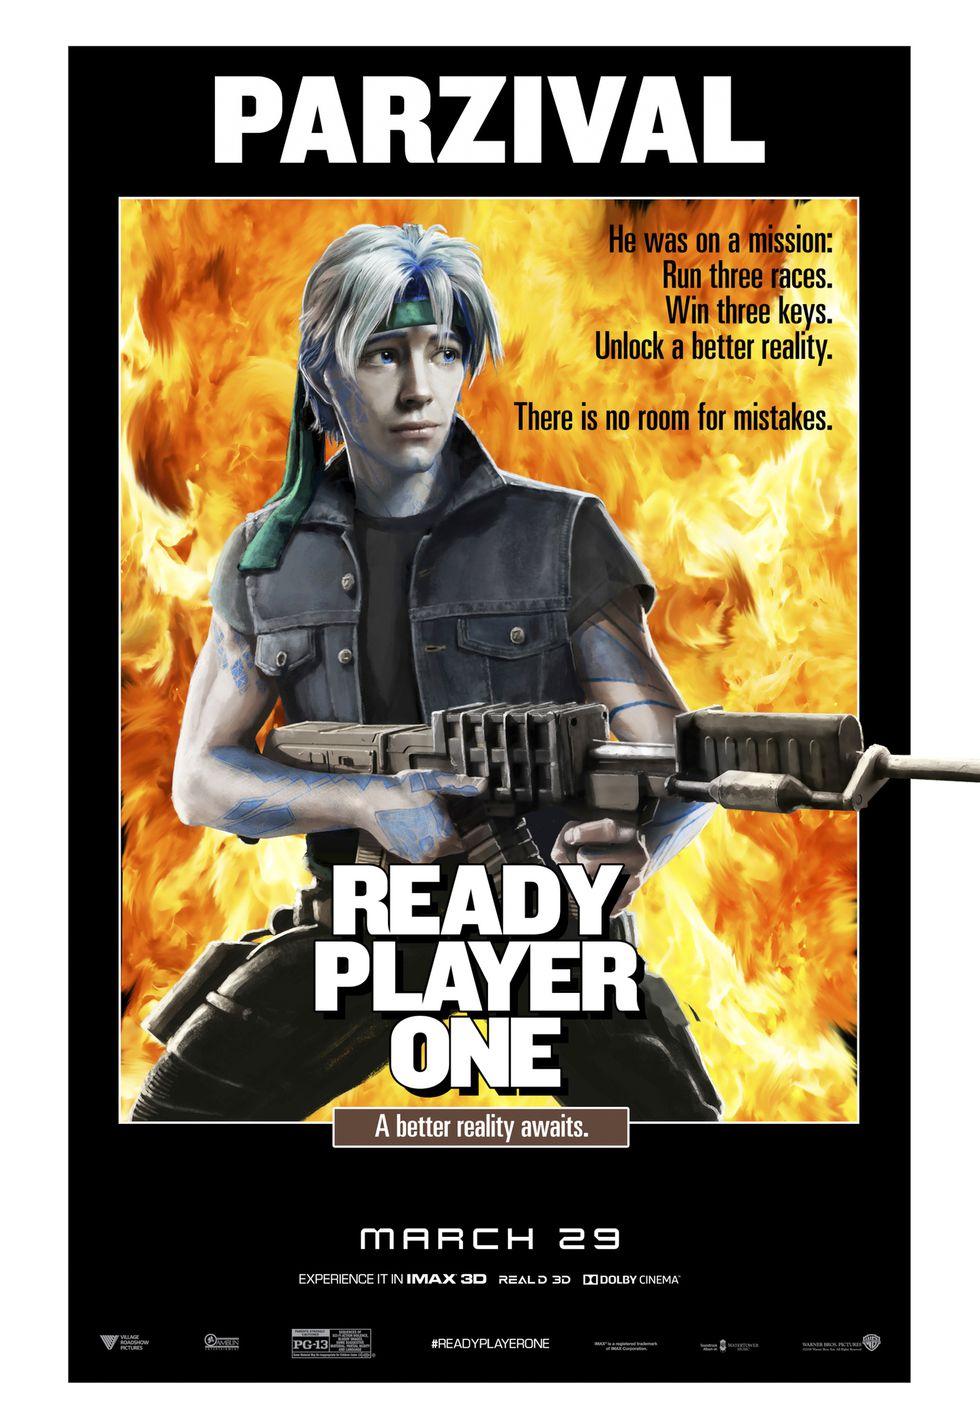 readyplayerone-tributeposter-highres-rambo2-1520373880.jpg